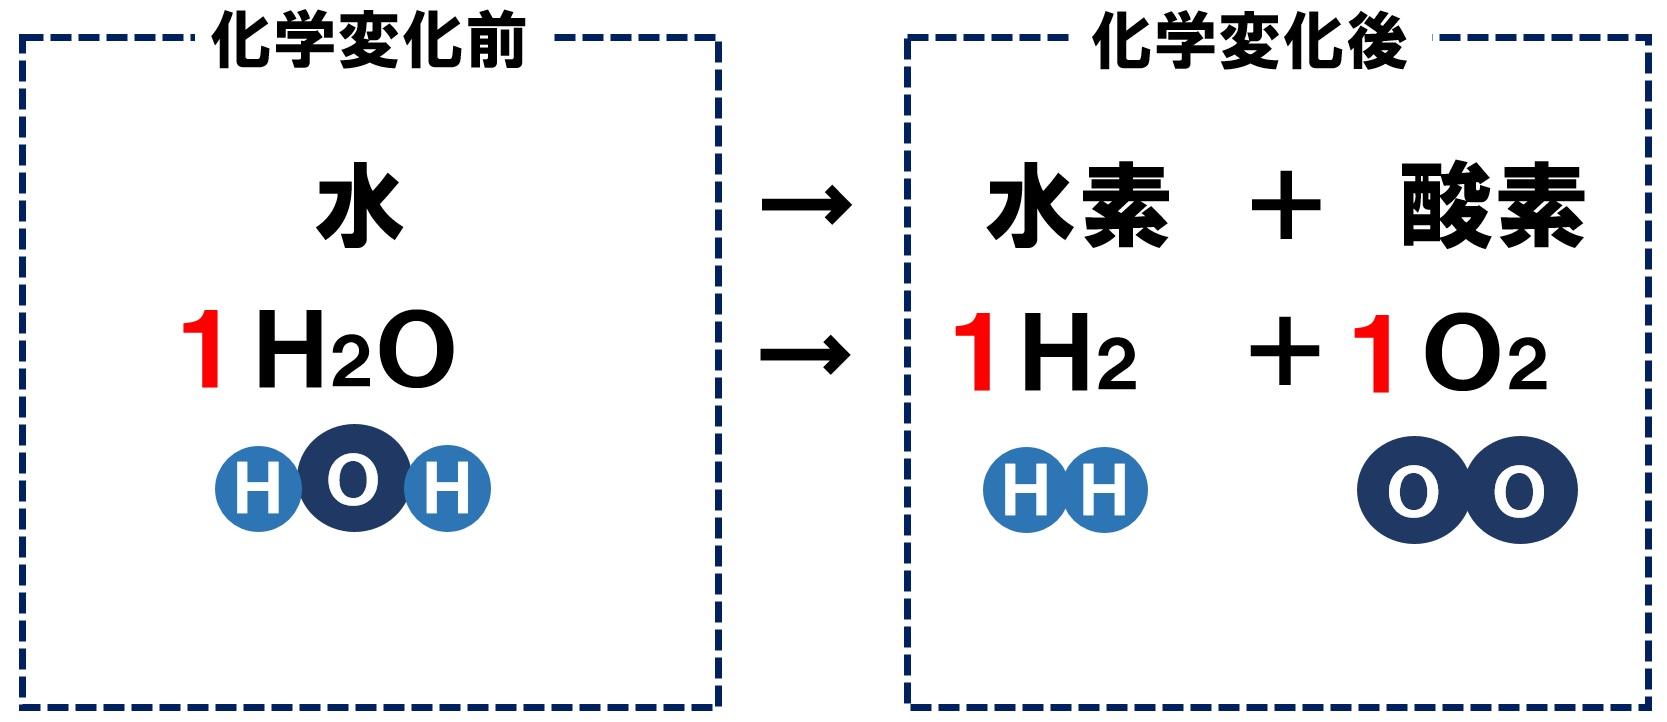 水の電気分解の化学反応式1